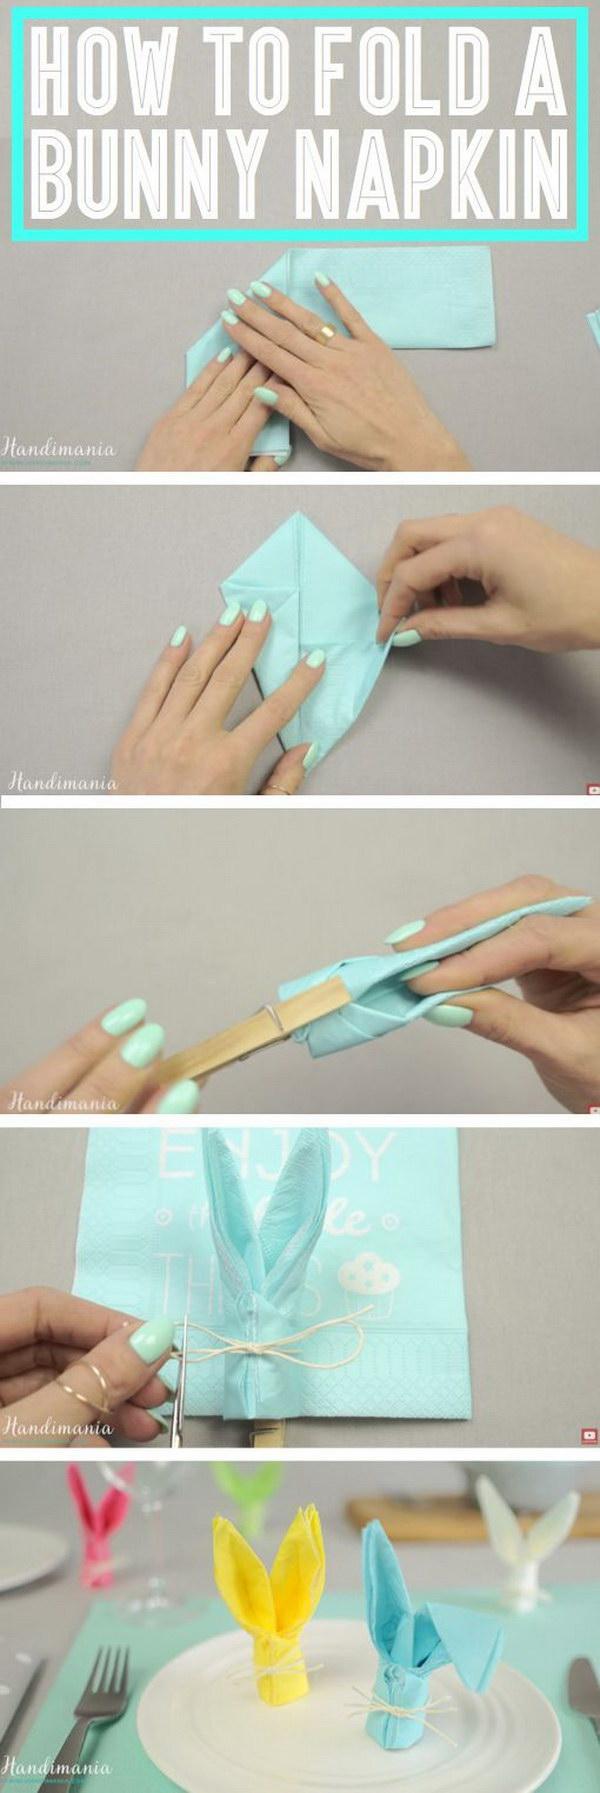 21 Bunny-shaped Napkin Decoration